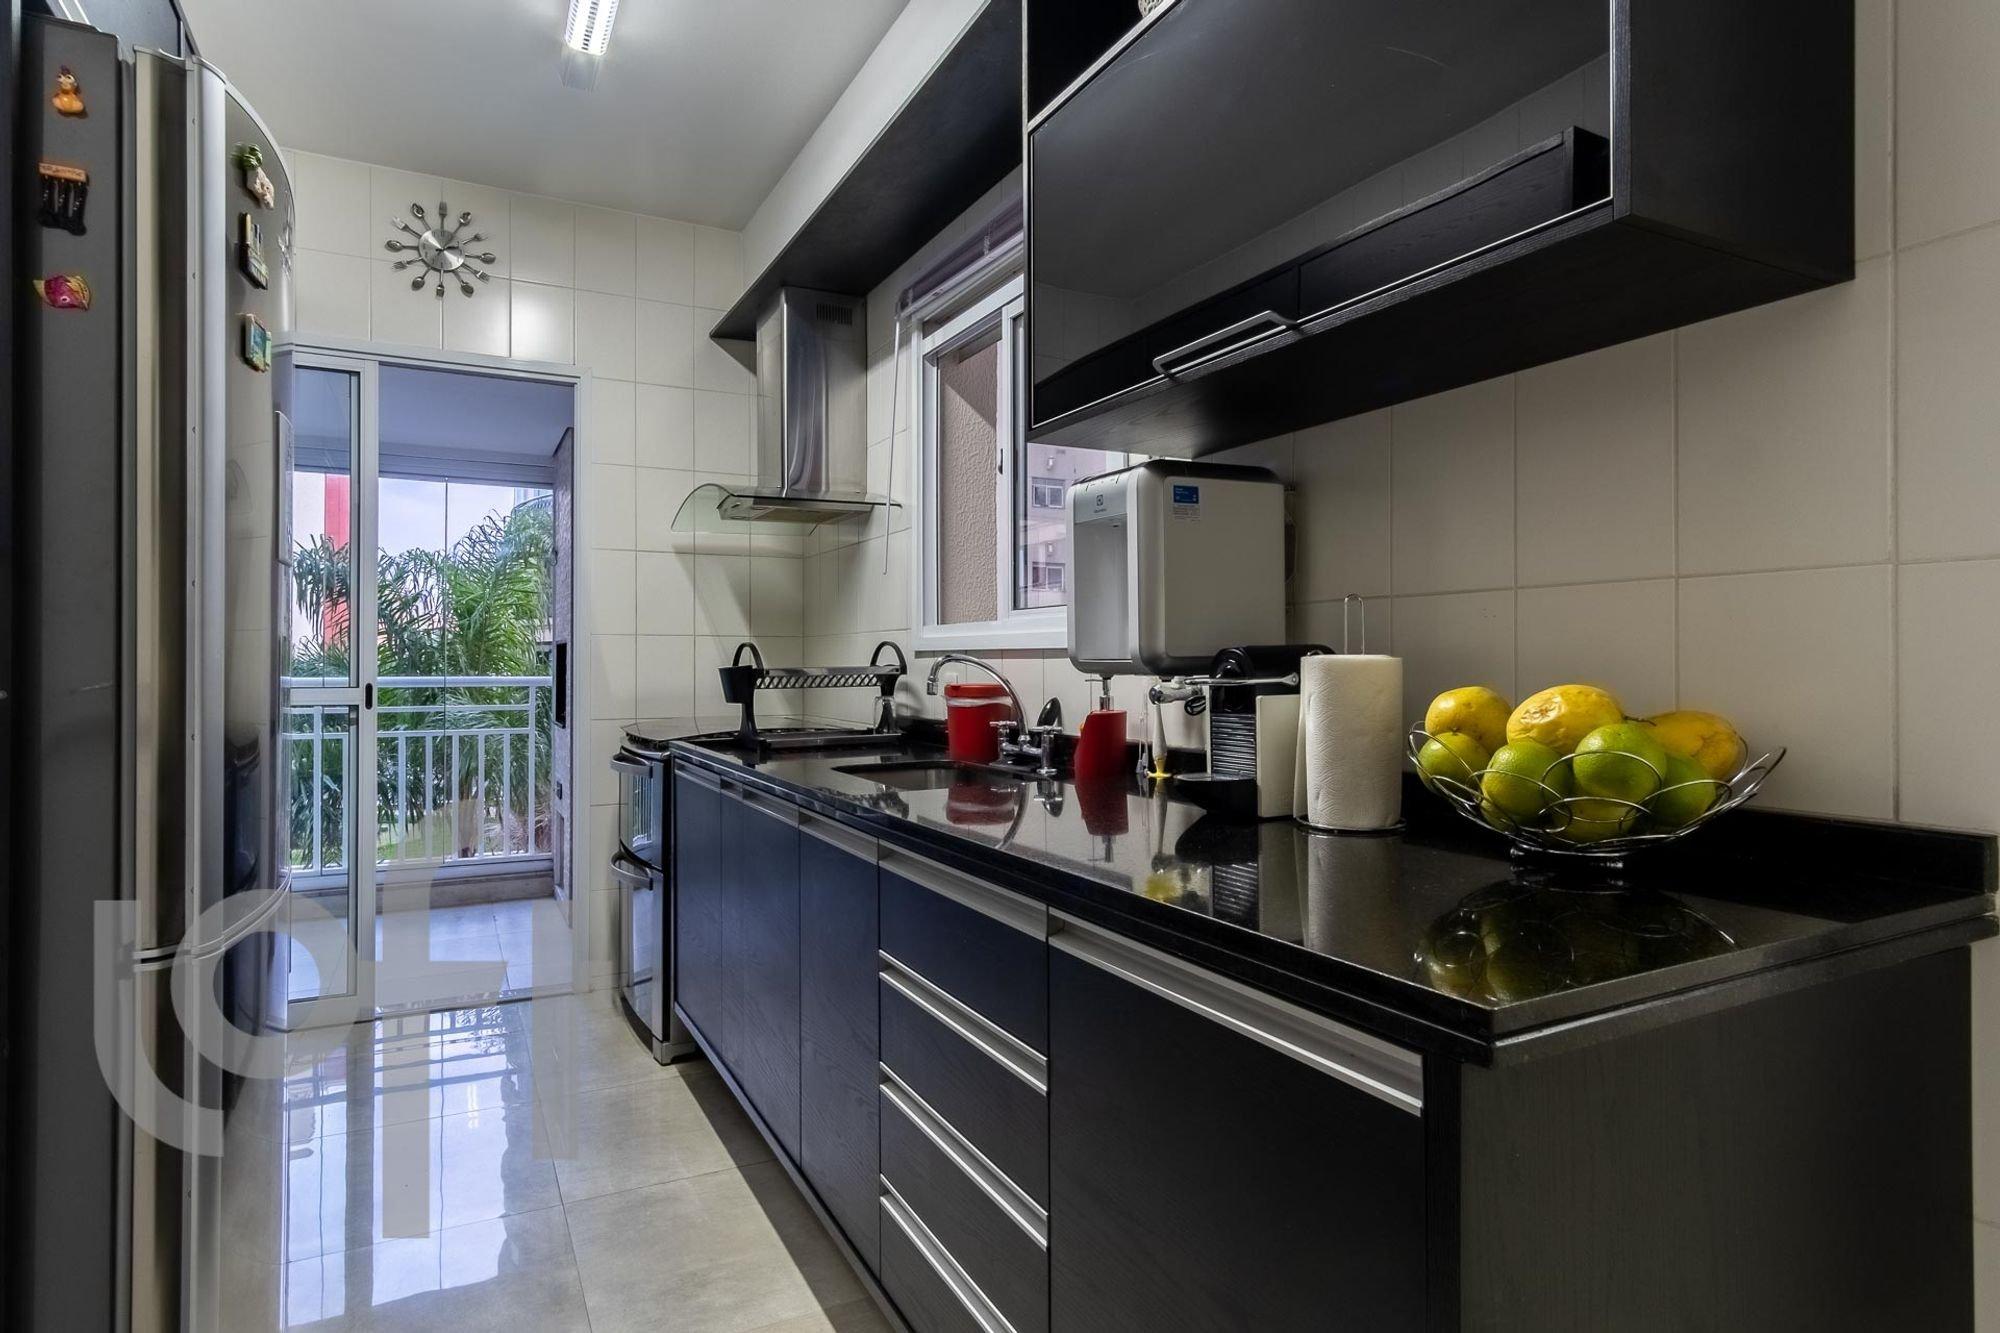 Foto de Cozinha com maçã, garrafa, tigela, geladeira, pia